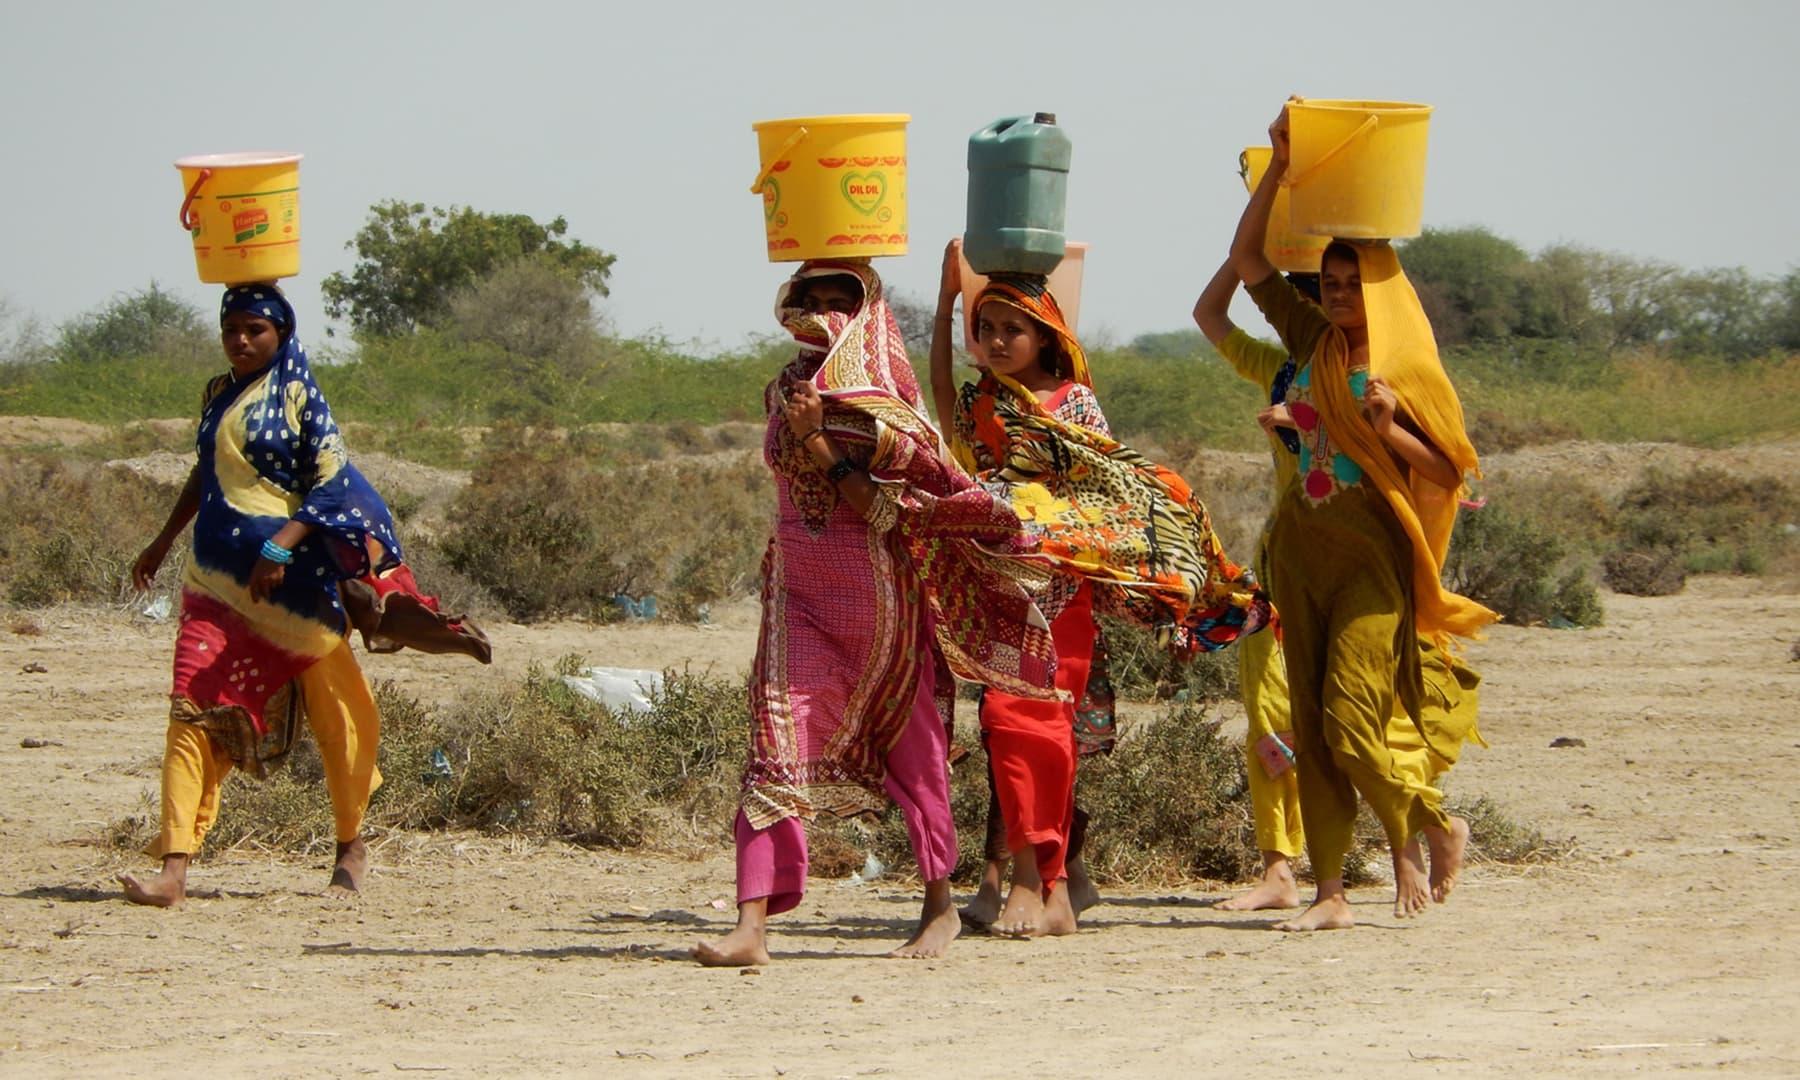 عورتوں کی ٹولیاں دور دور سے پانی بھرنے آتی ہیں—تصویر ابوبکر شیخ